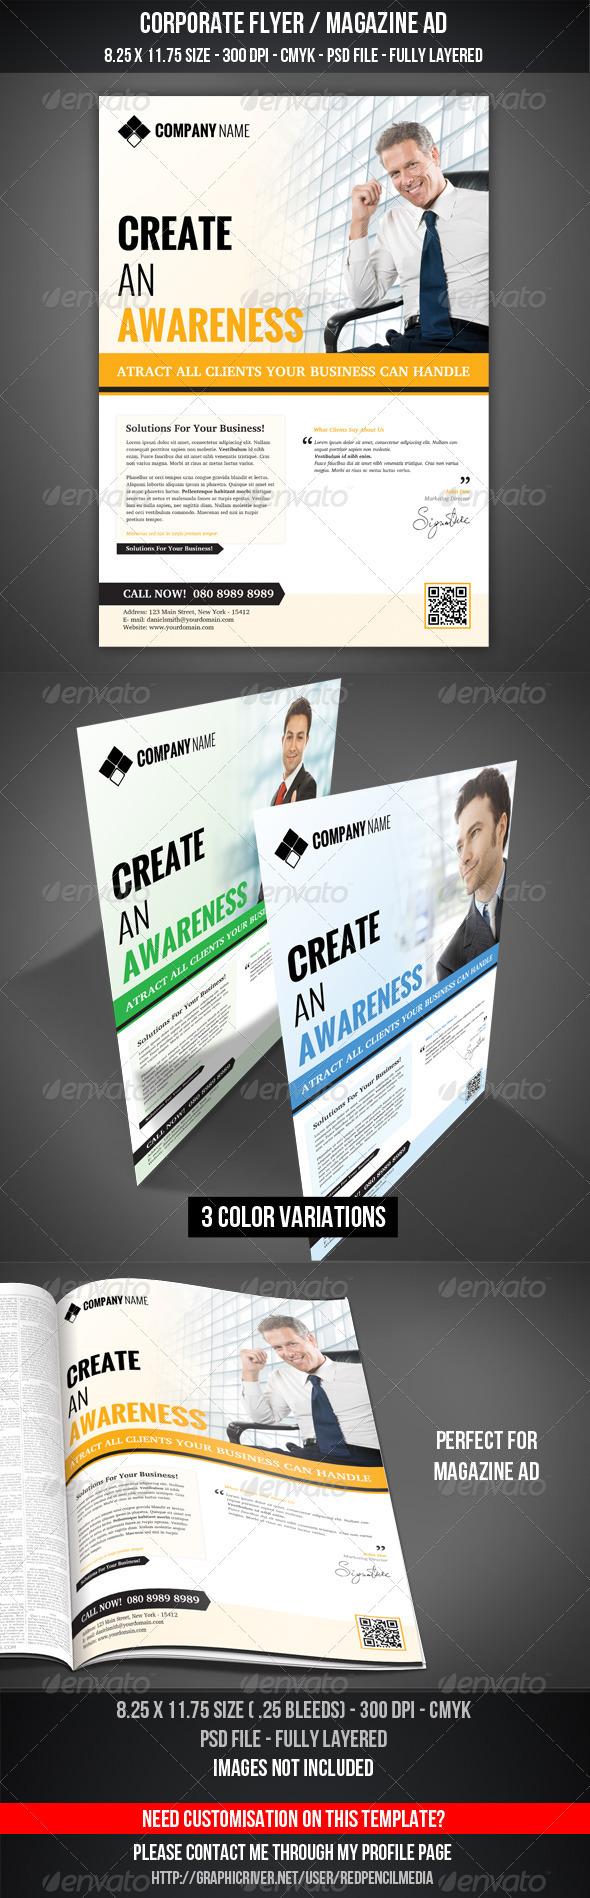 GraphicRiver Corporate Flyer Magazine AD 3285001